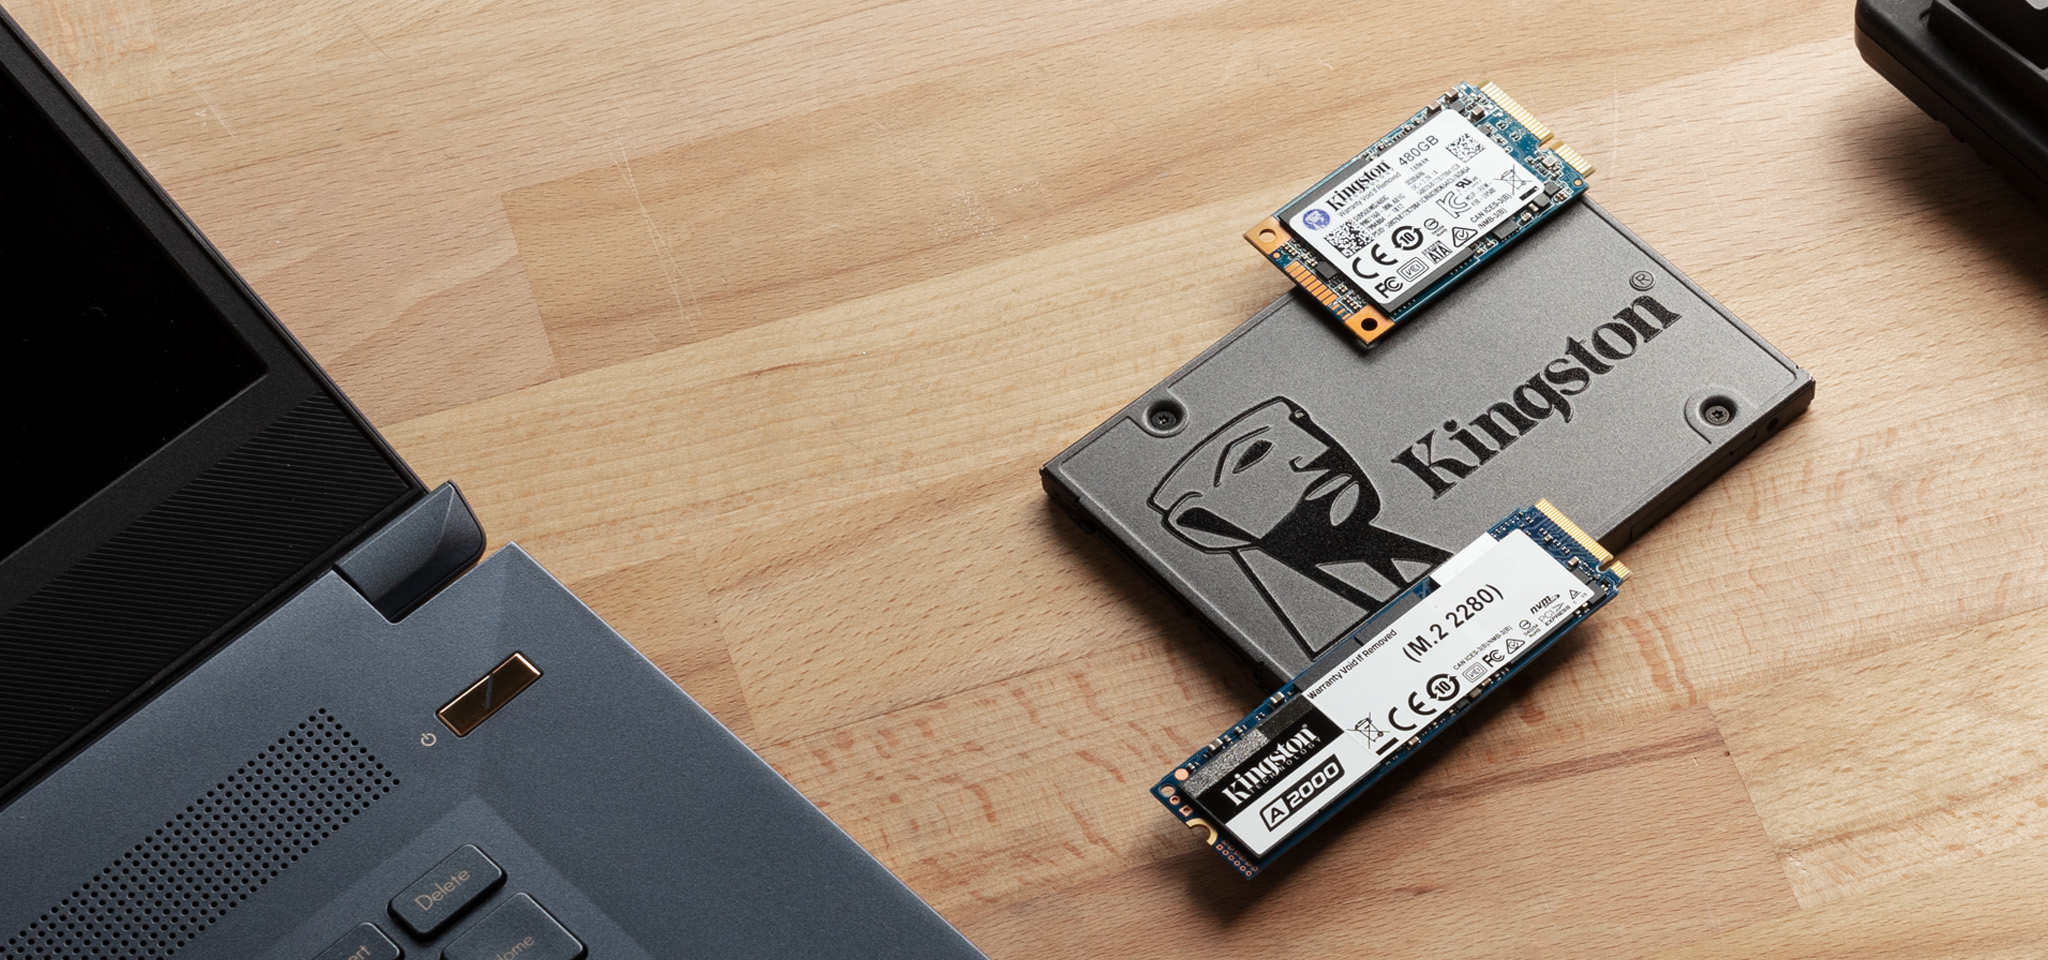 SATA ve M.2 SSD'ler masada bir dizüstü bilgisayarın yanında duruyor.